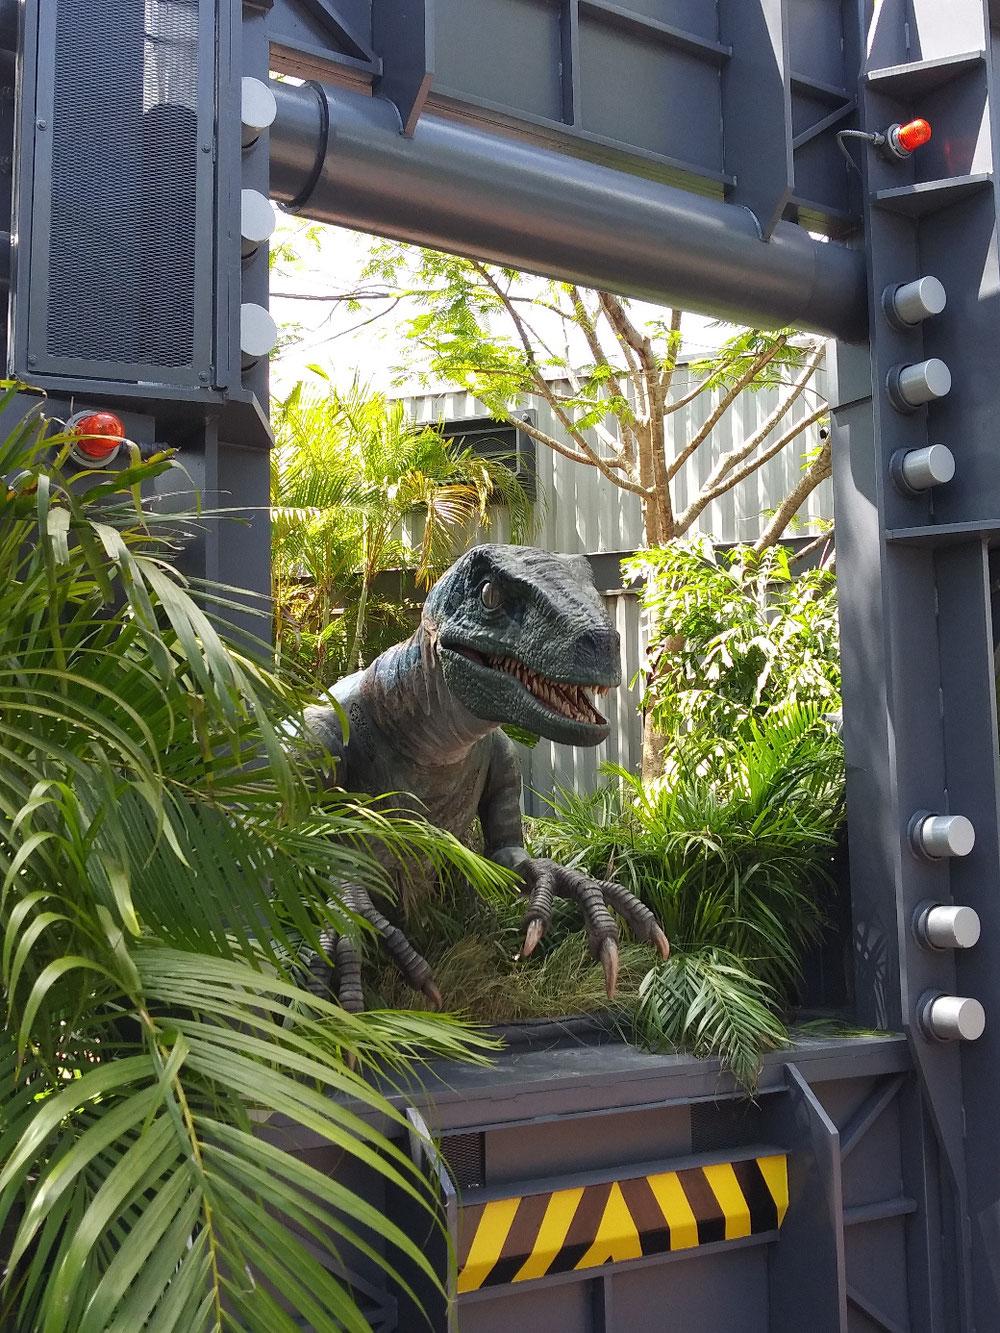 恐竜との撮影も。暑い中なので司会が長いとブーイングされてました。(笑)